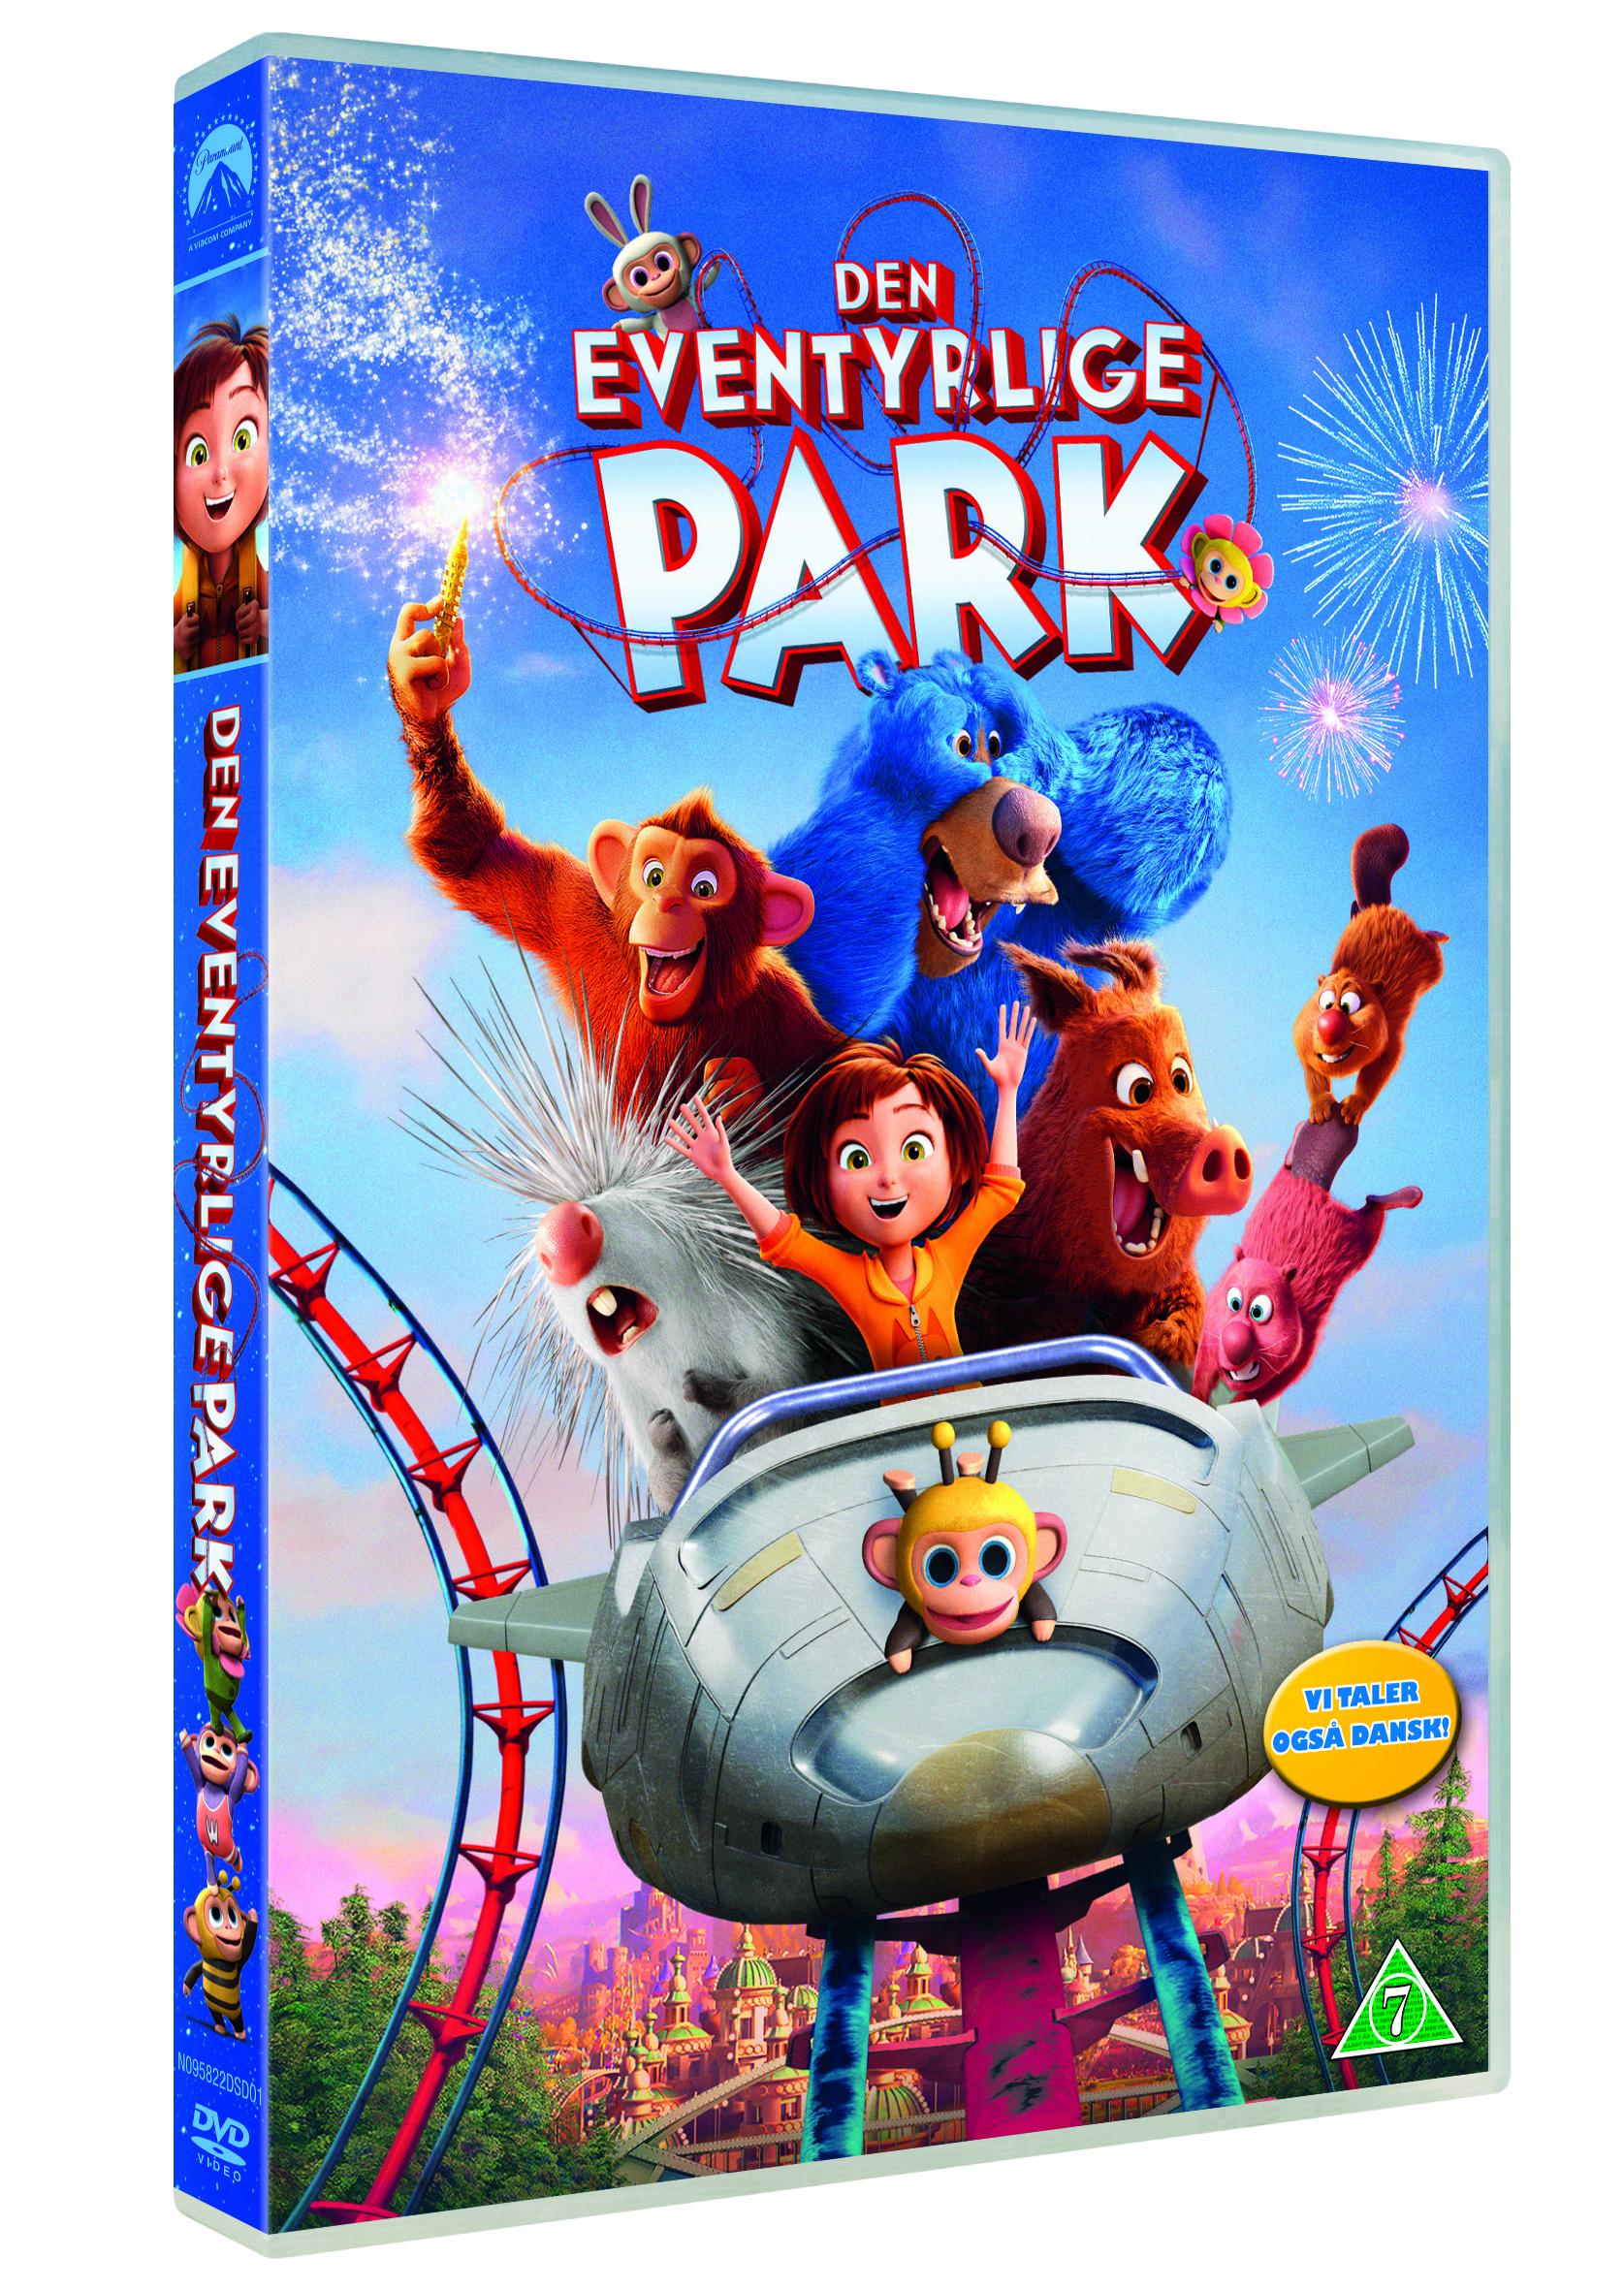 Den Eventyrlige Park DVD -  - Film -  - 7340112749644 - 26/8-2019